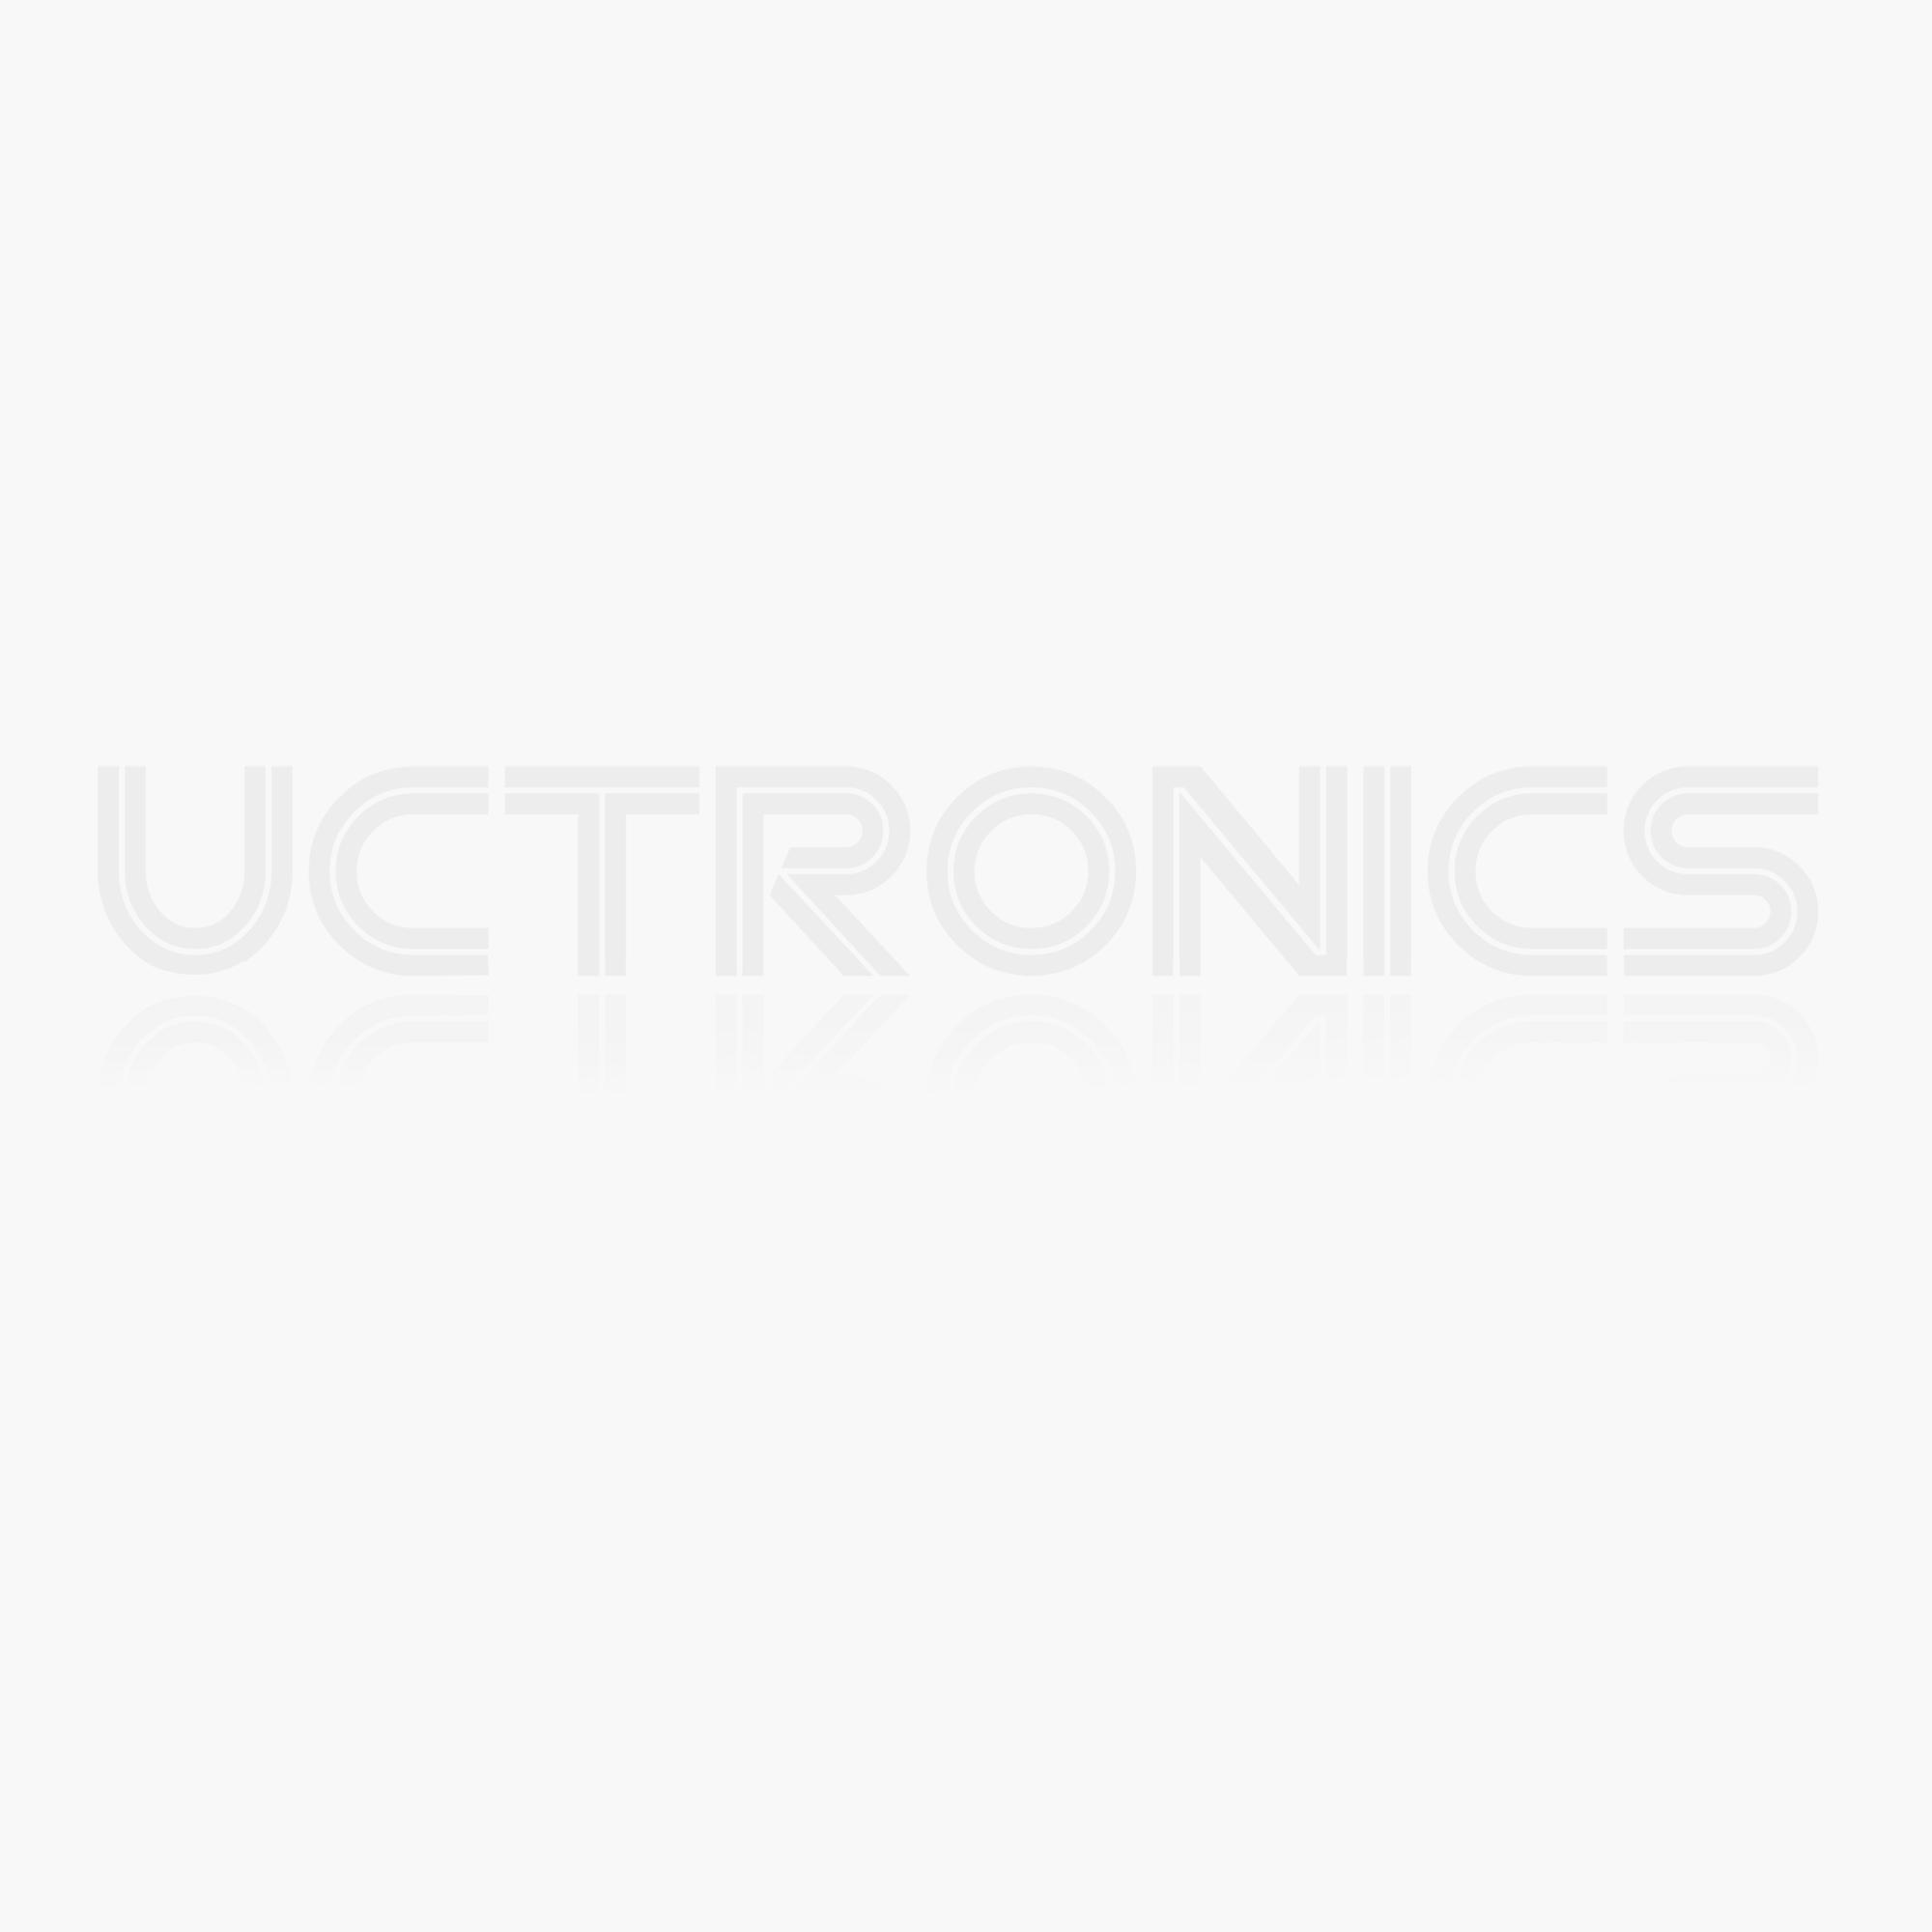 DC 3.2-9.99V Digital Voltage Meter - Blue